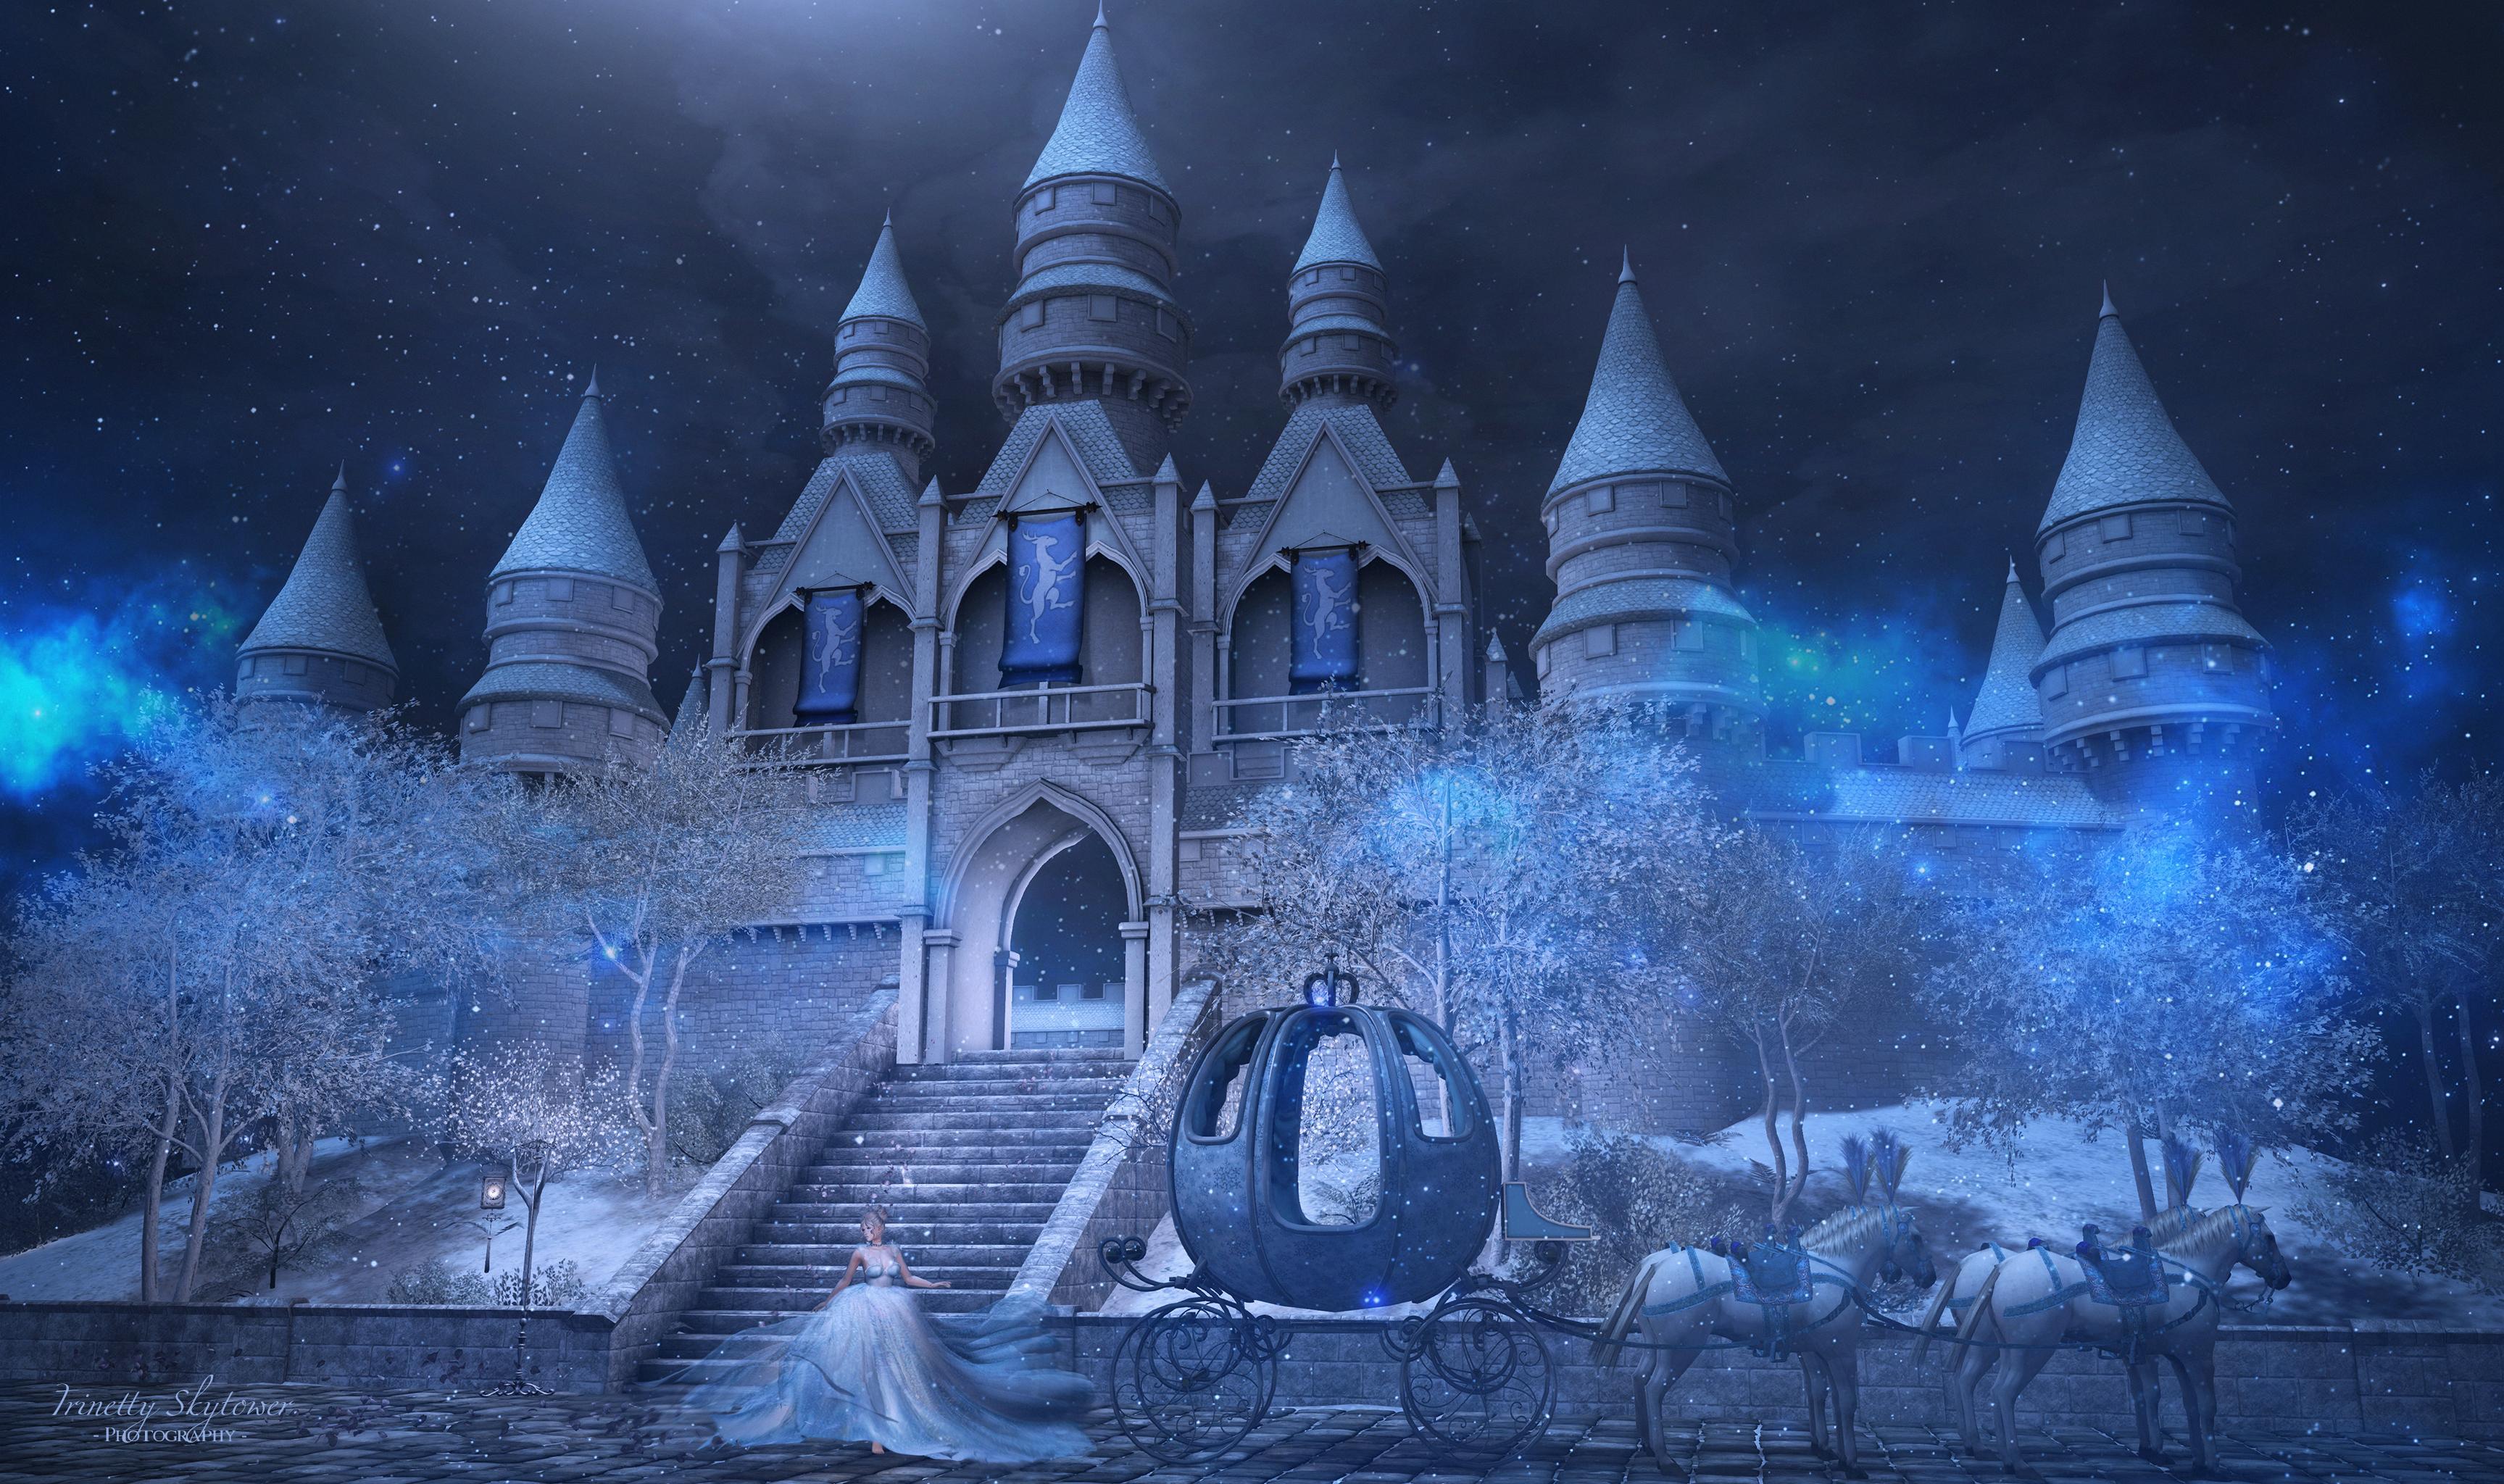 женщина картинка сказочный дворец снежной королевы россии предлагают широчайший